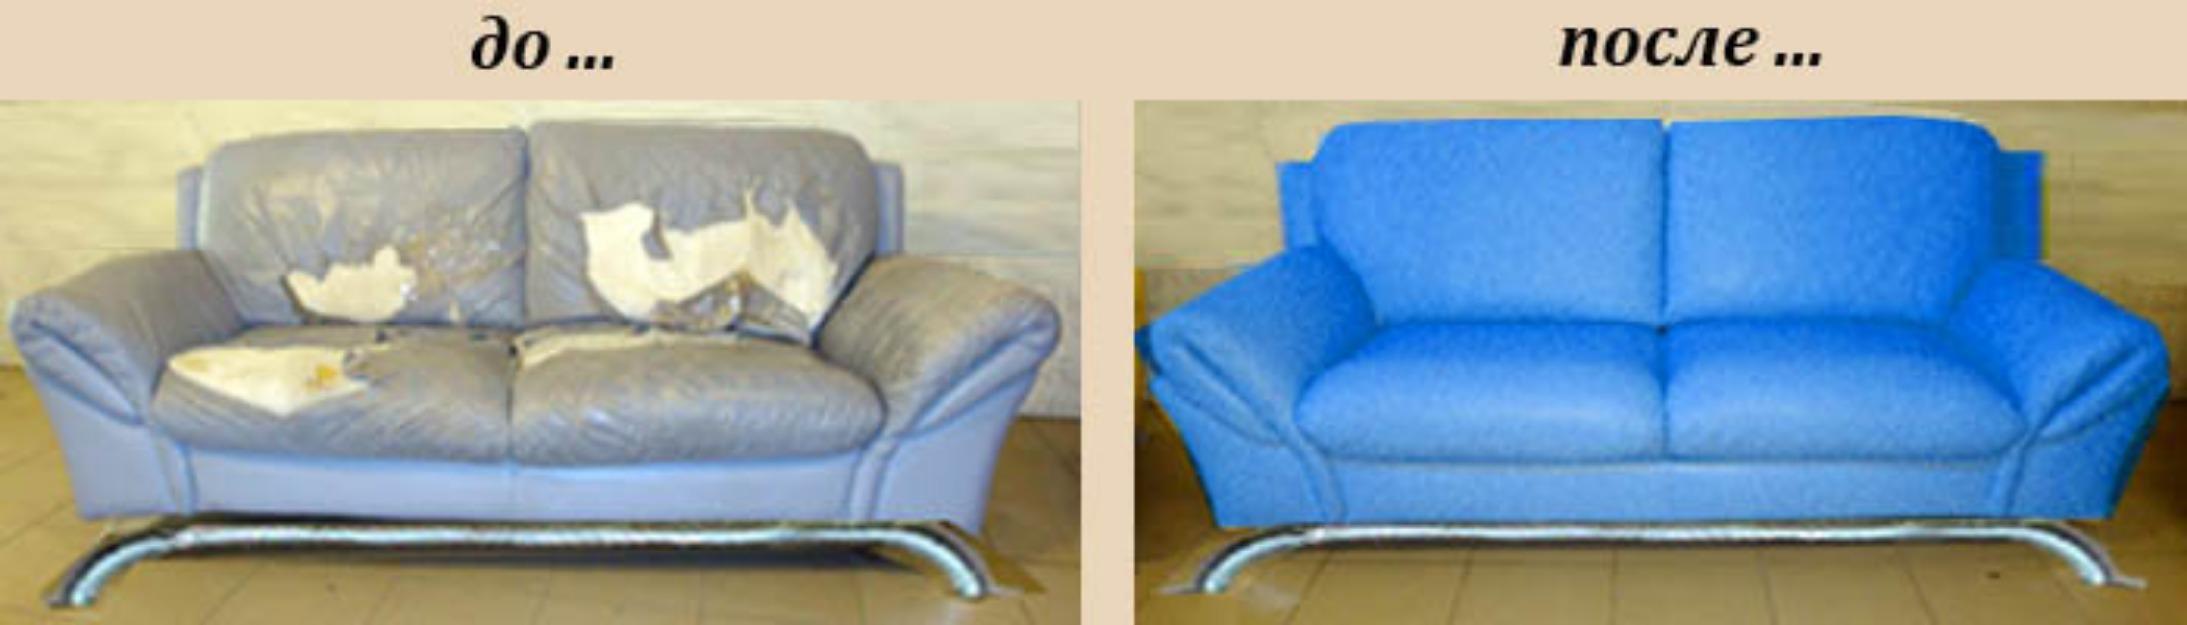 Инструкция по перетяжке мебели